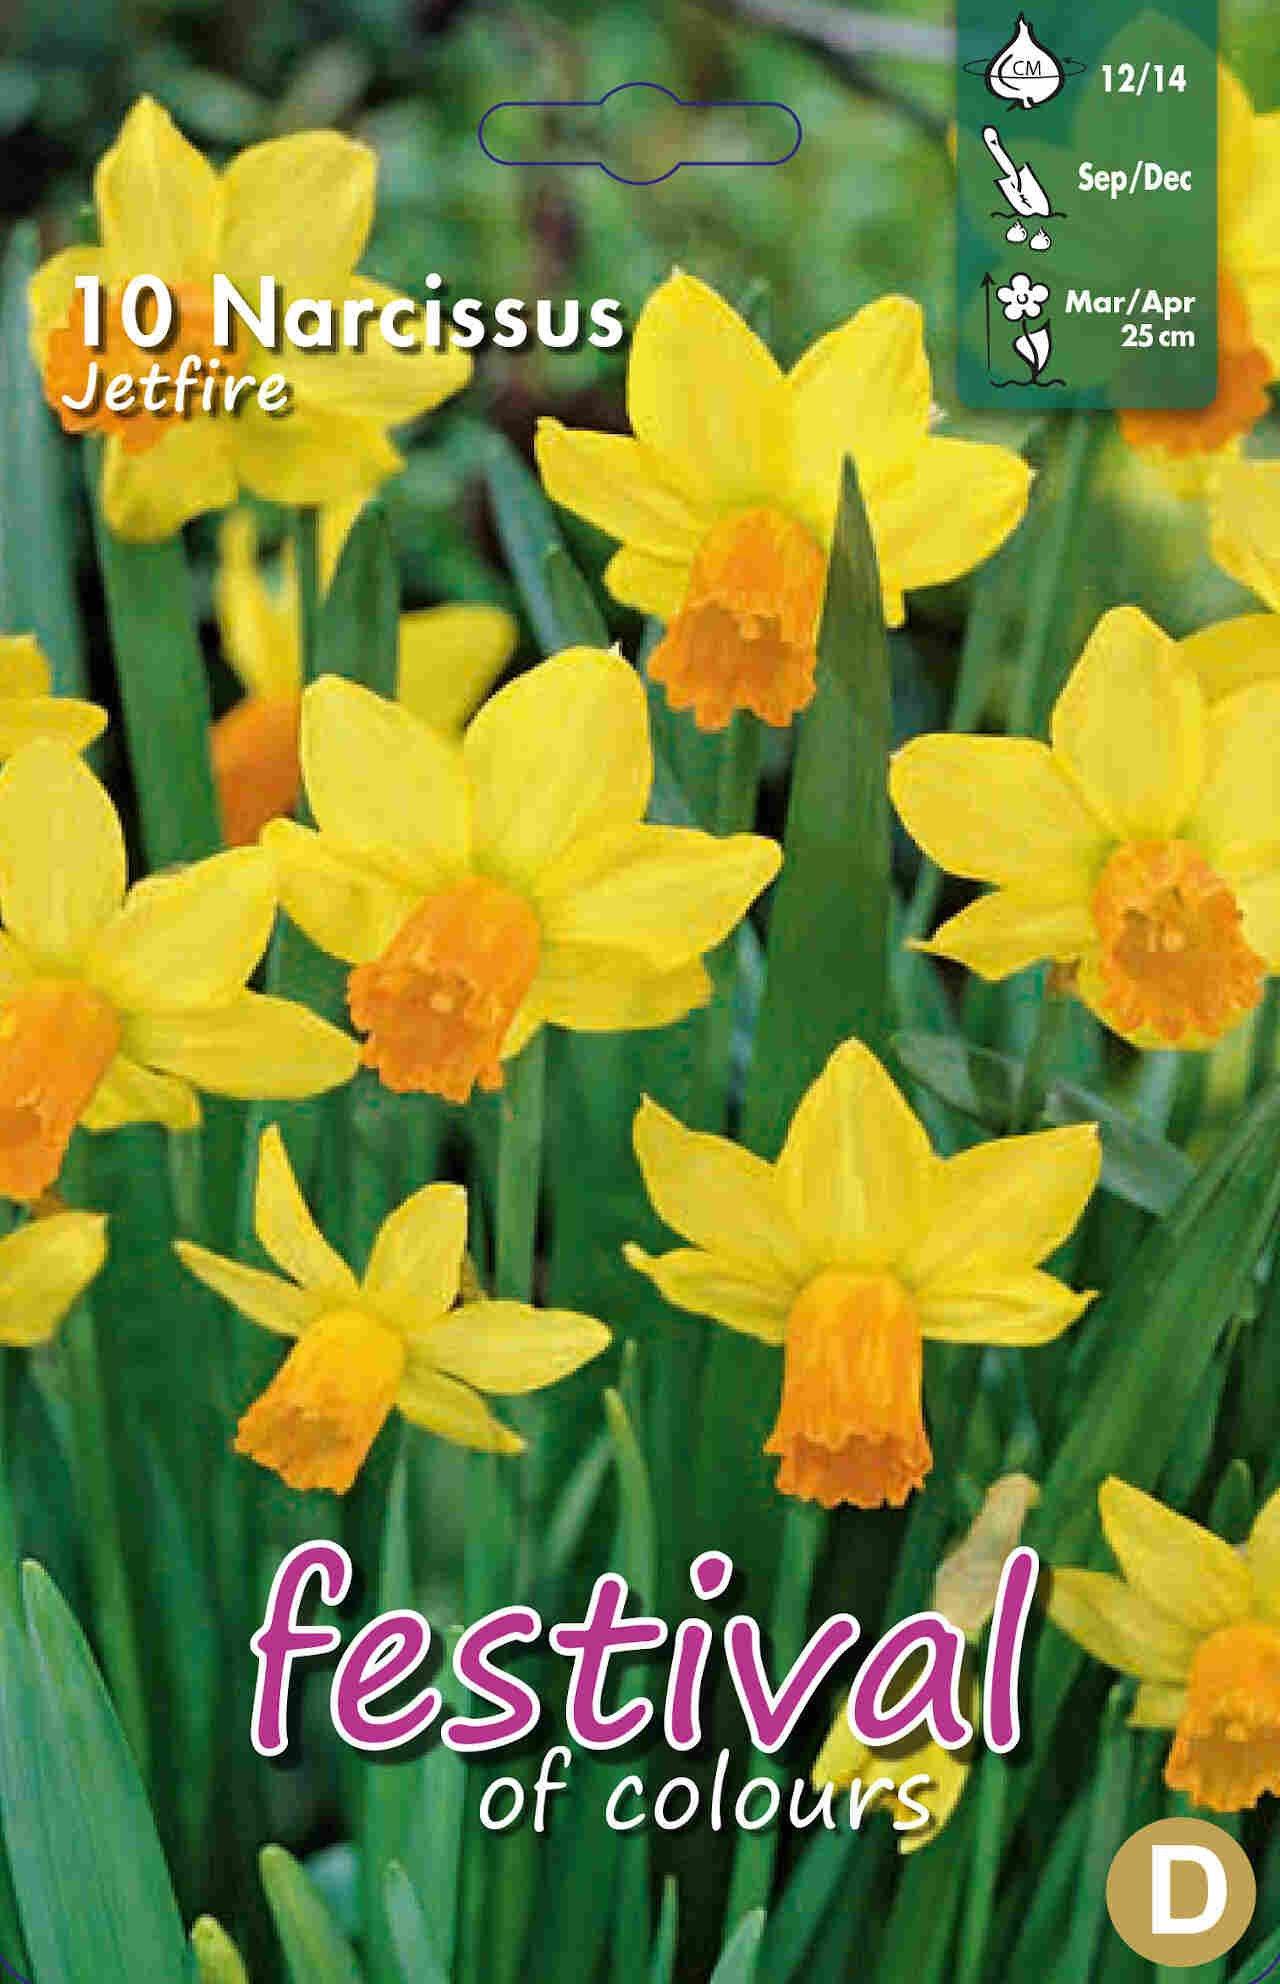 Påskeliljeløg - Narcissus Jetfire 12/14